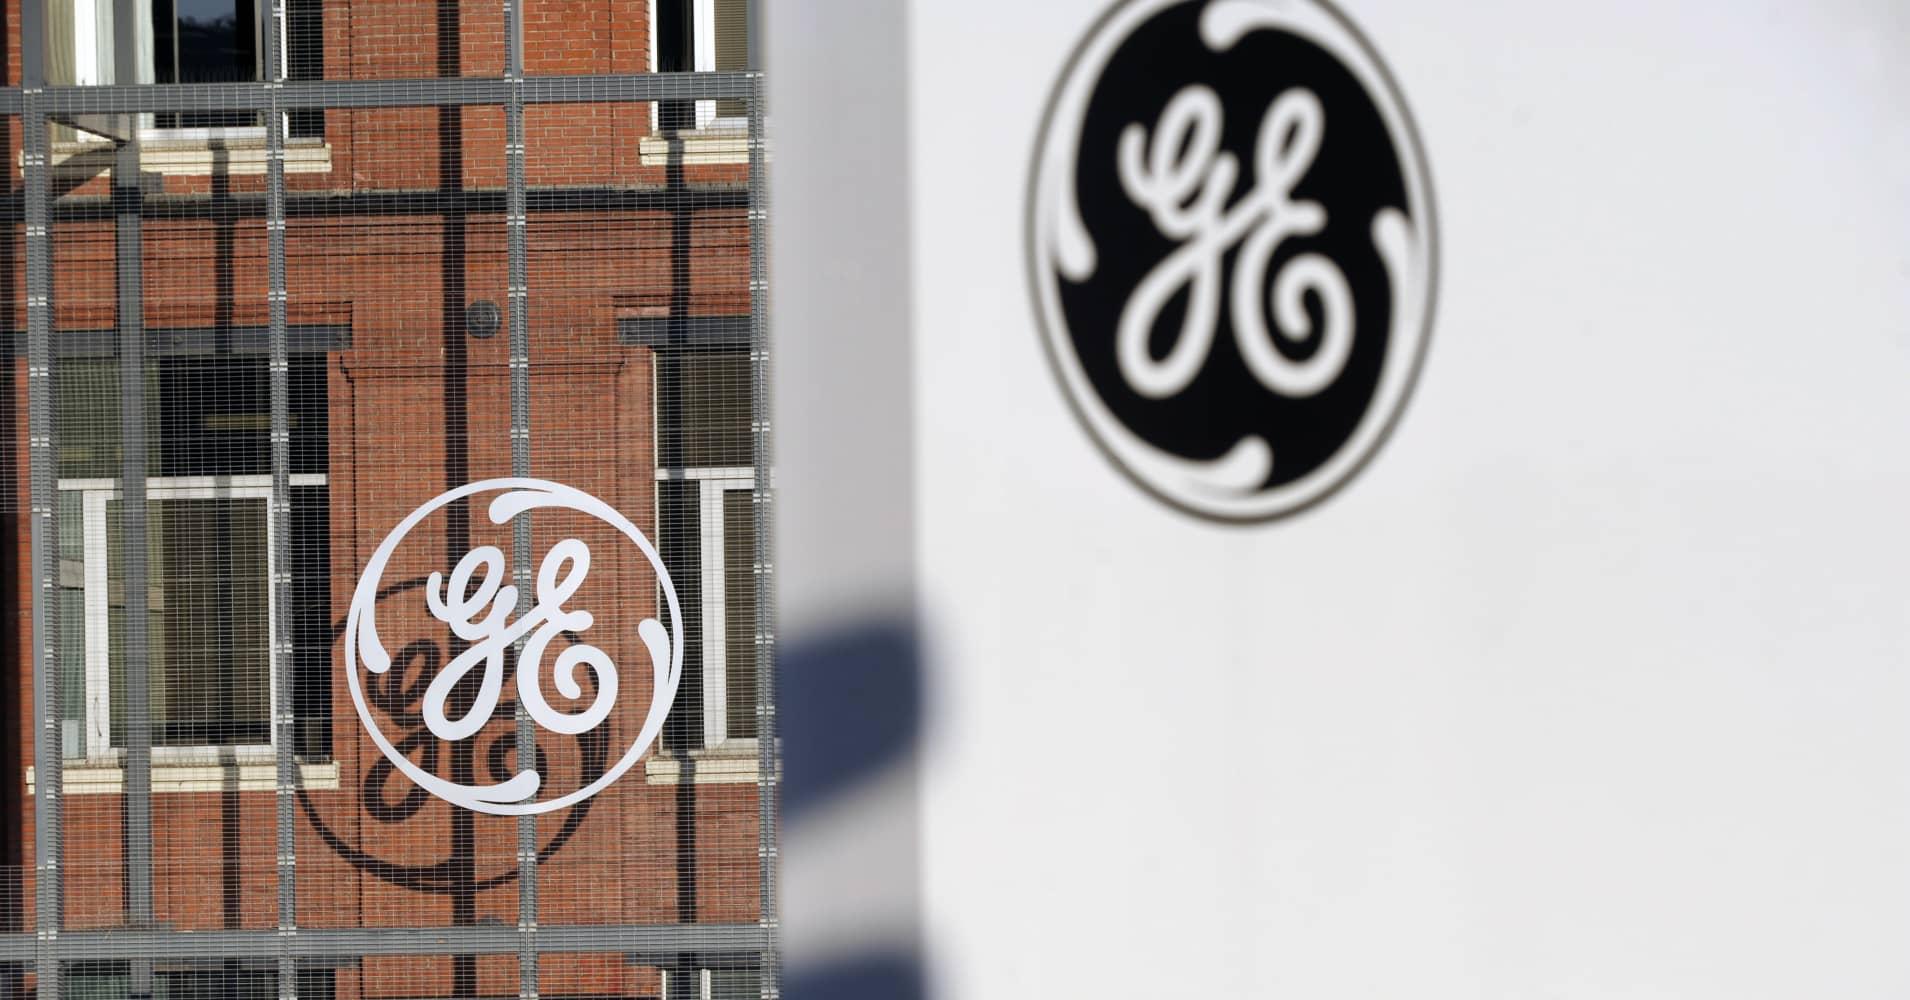 GE Stock Is Dead Money Near Term: JPMorgan